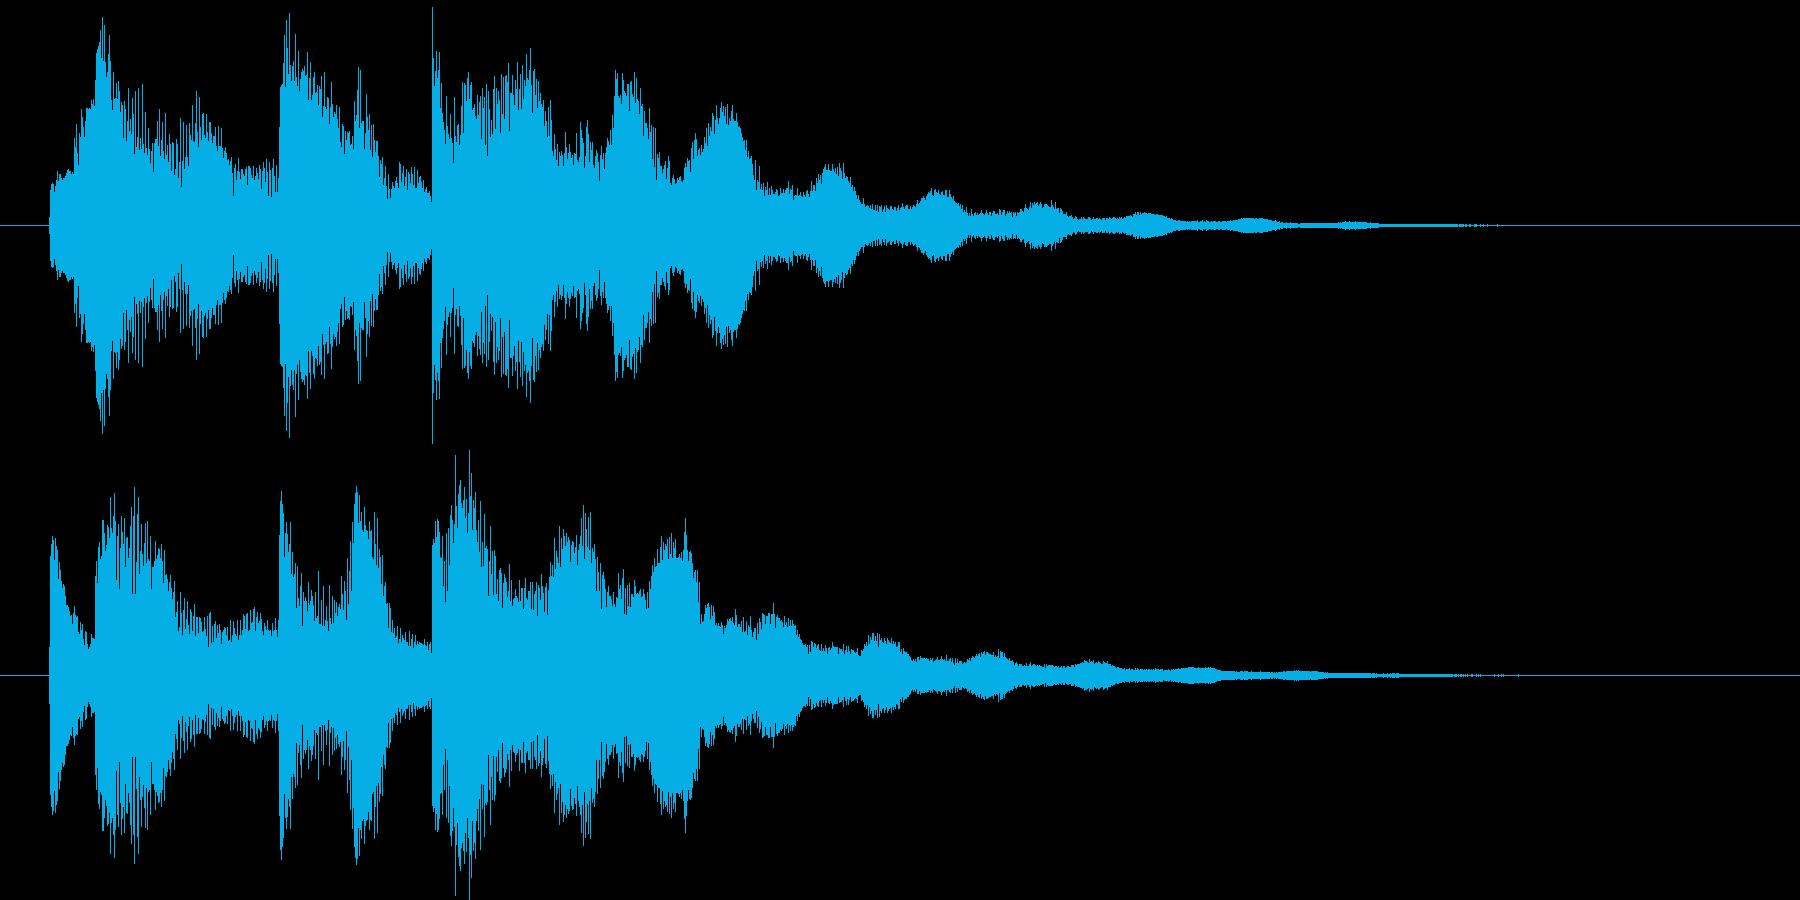 シンプルなサウンドロゴの再生済みの波形